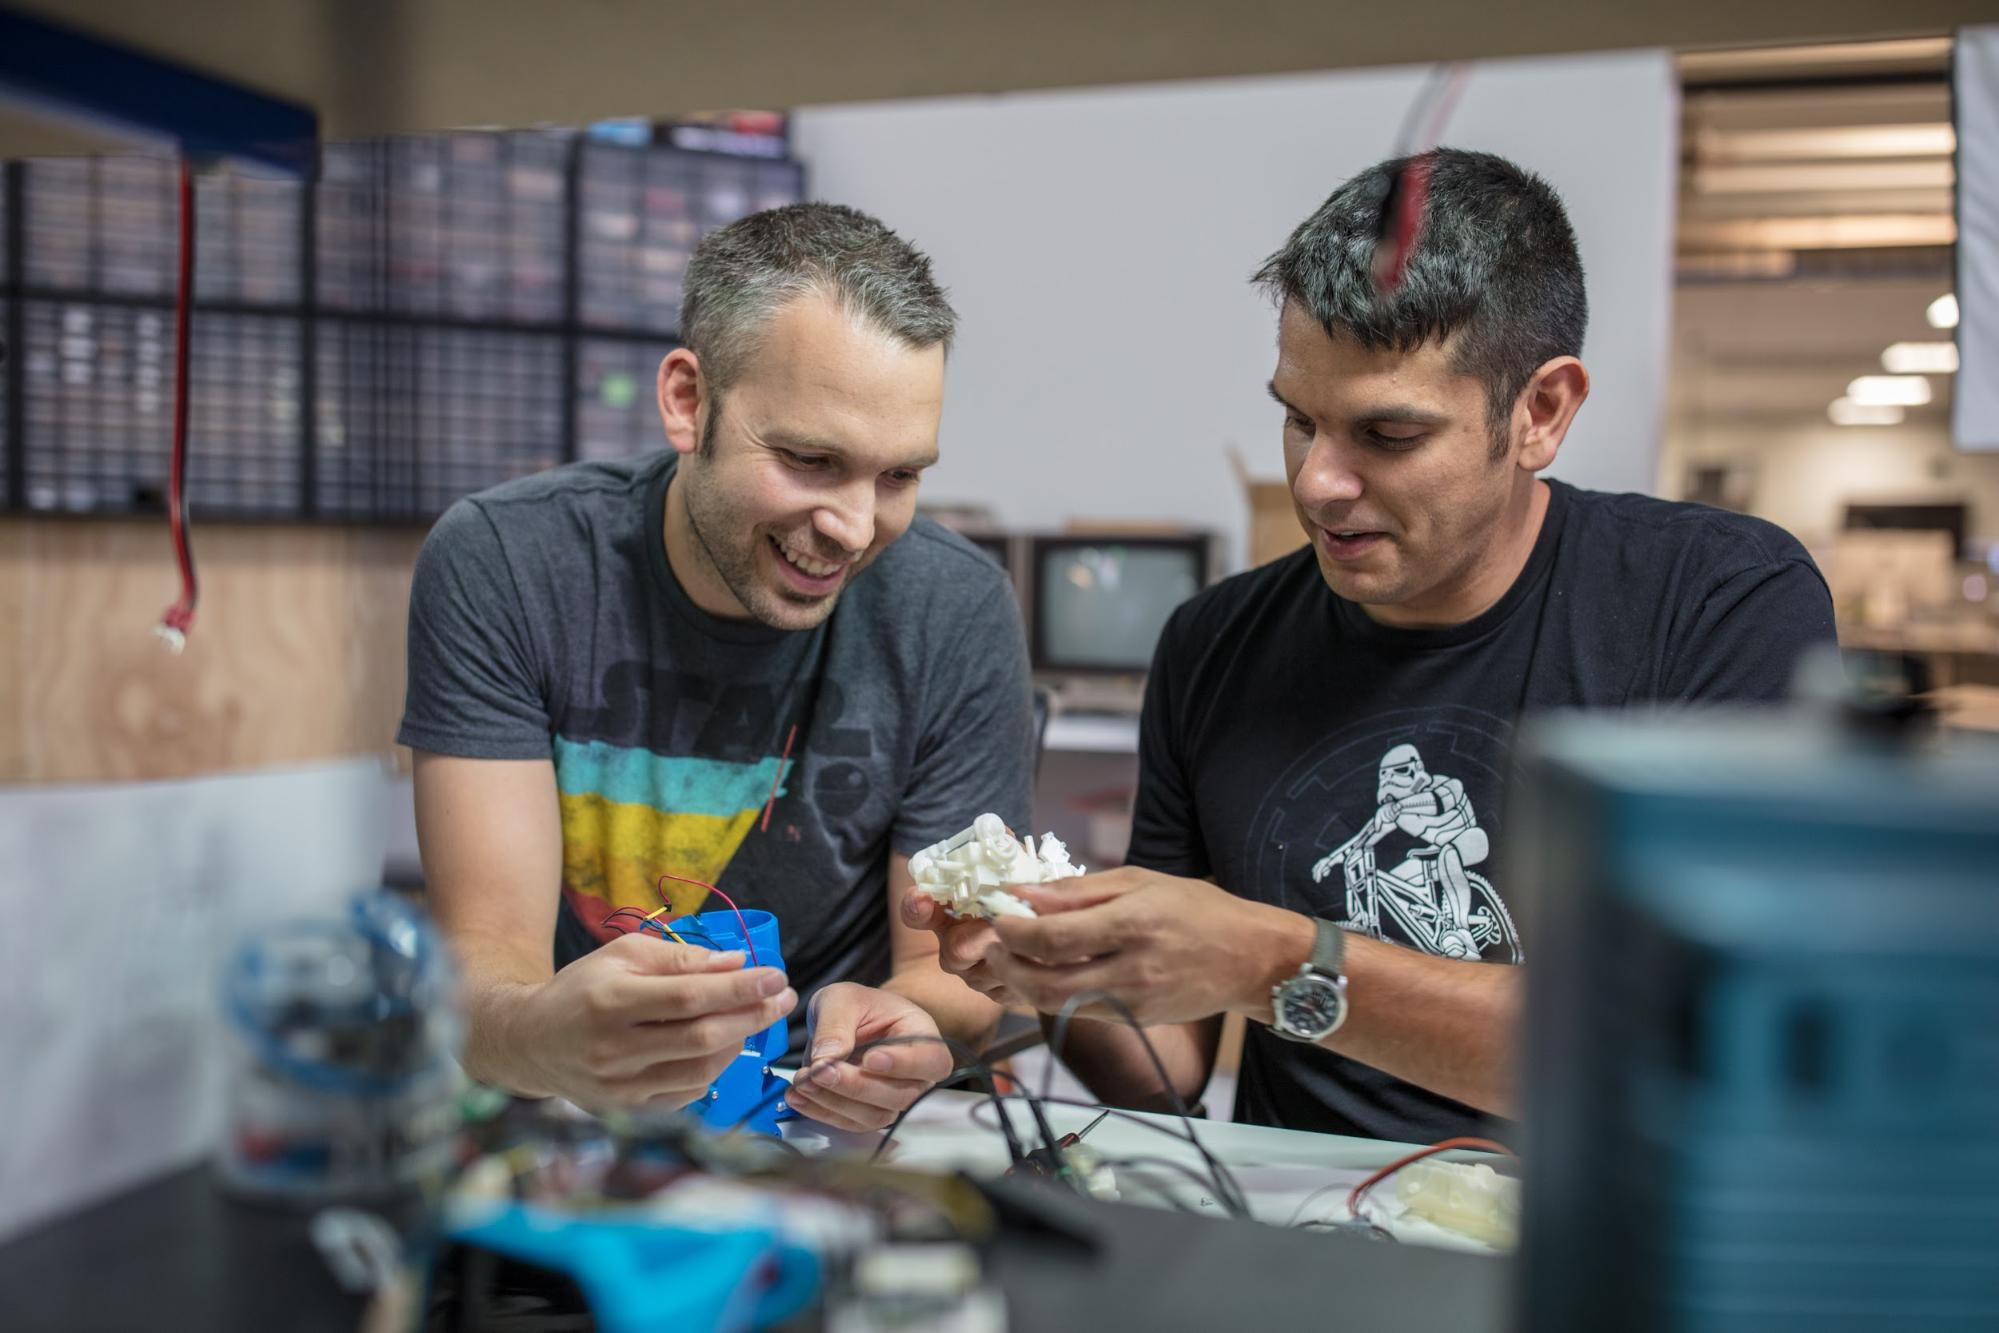 sphero engineers working on a prototype